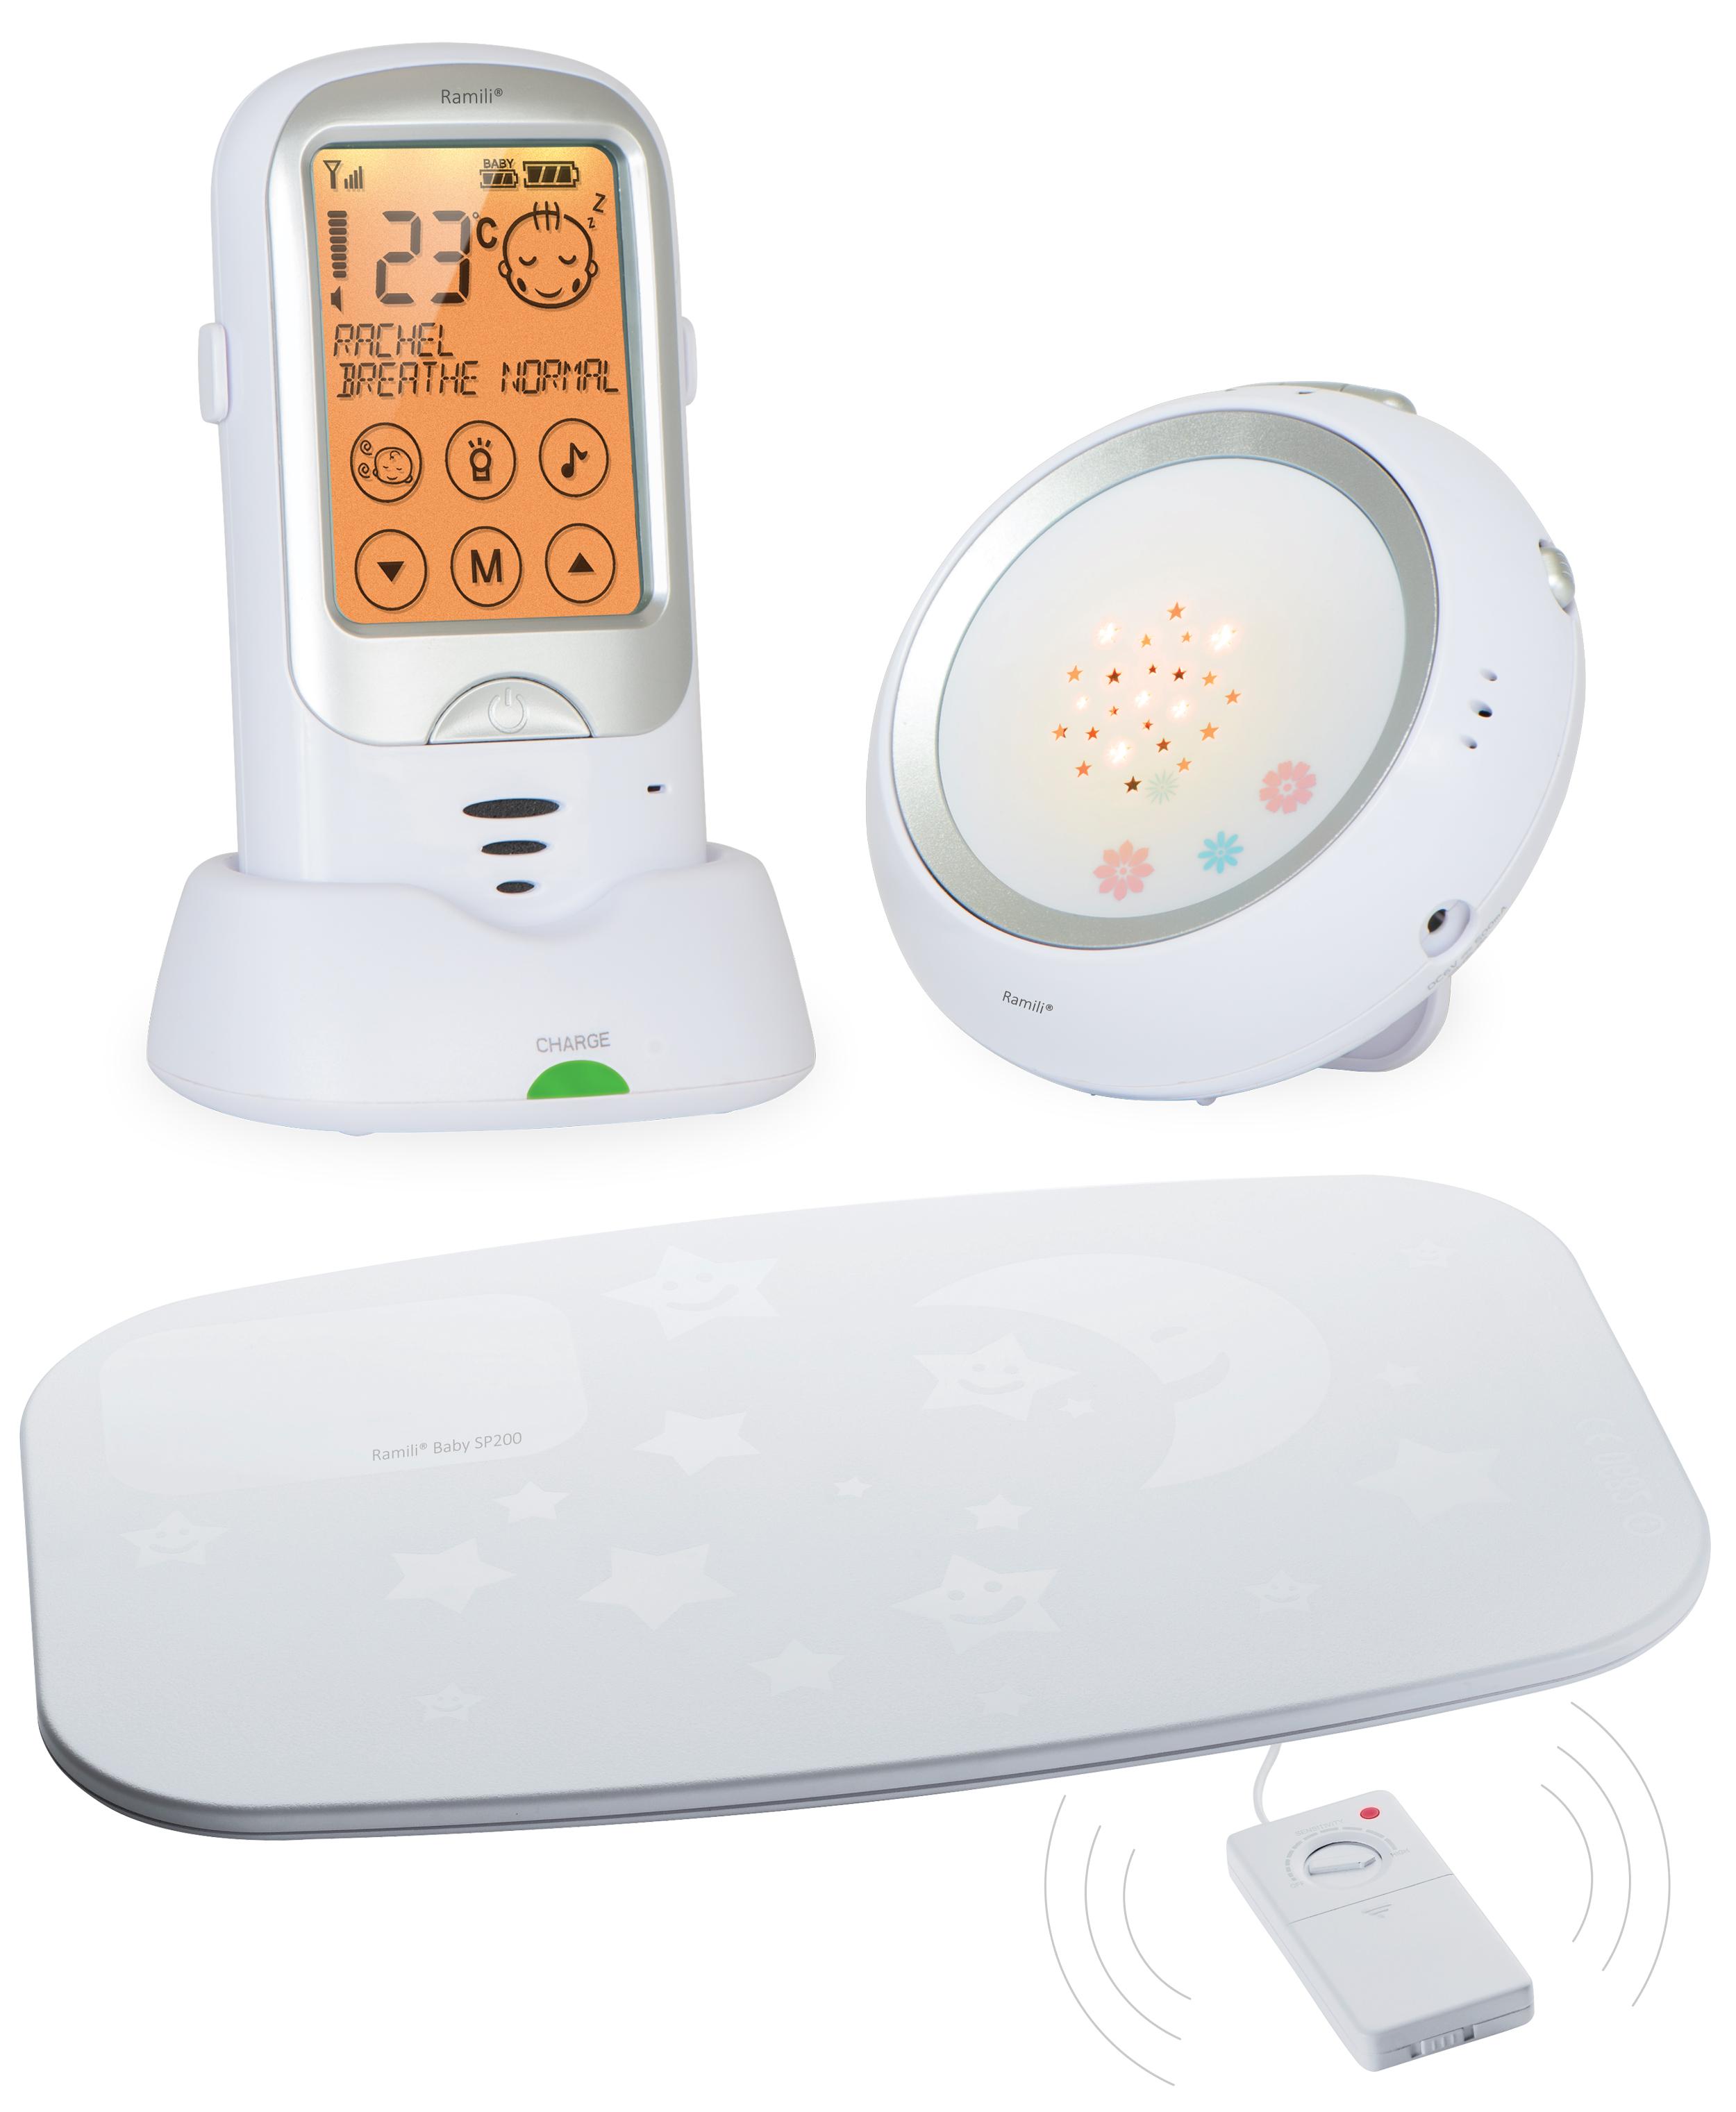 Радионяня работает на современной технологии передачи данных на расстоянии до 650 метров и оснащена системой подавления помех. Кристально чистый звук и высокая степень надежности и безопасности - главные особенности радионяни-монитора дыхания Ramili Baby. Радионяня оснащена всеми необходимыми для родителей функциями, которые помогают молодым родителям в повседневном уходе за ребенком: сенсорный дисплей; двухсторонняя связь; термометр; замечательный проекционный ночничок; возможность работы всех блоков радионяни без розетки; интуитивно понятное русифицированное меню, а также другие функции и особенности, которые позволяют родителям быть уверенными в том, что малыш находится под непрерывным контролем этой замечательной радионяни. Монитор дыхания Ramili Movement Sensor Pad SP200 (входит в комплект) располагается под матрасиком в детской кроватке и представляет собой коврик, в который встроены датчики, улавливающие даже очень слабое движение, вызываемое...